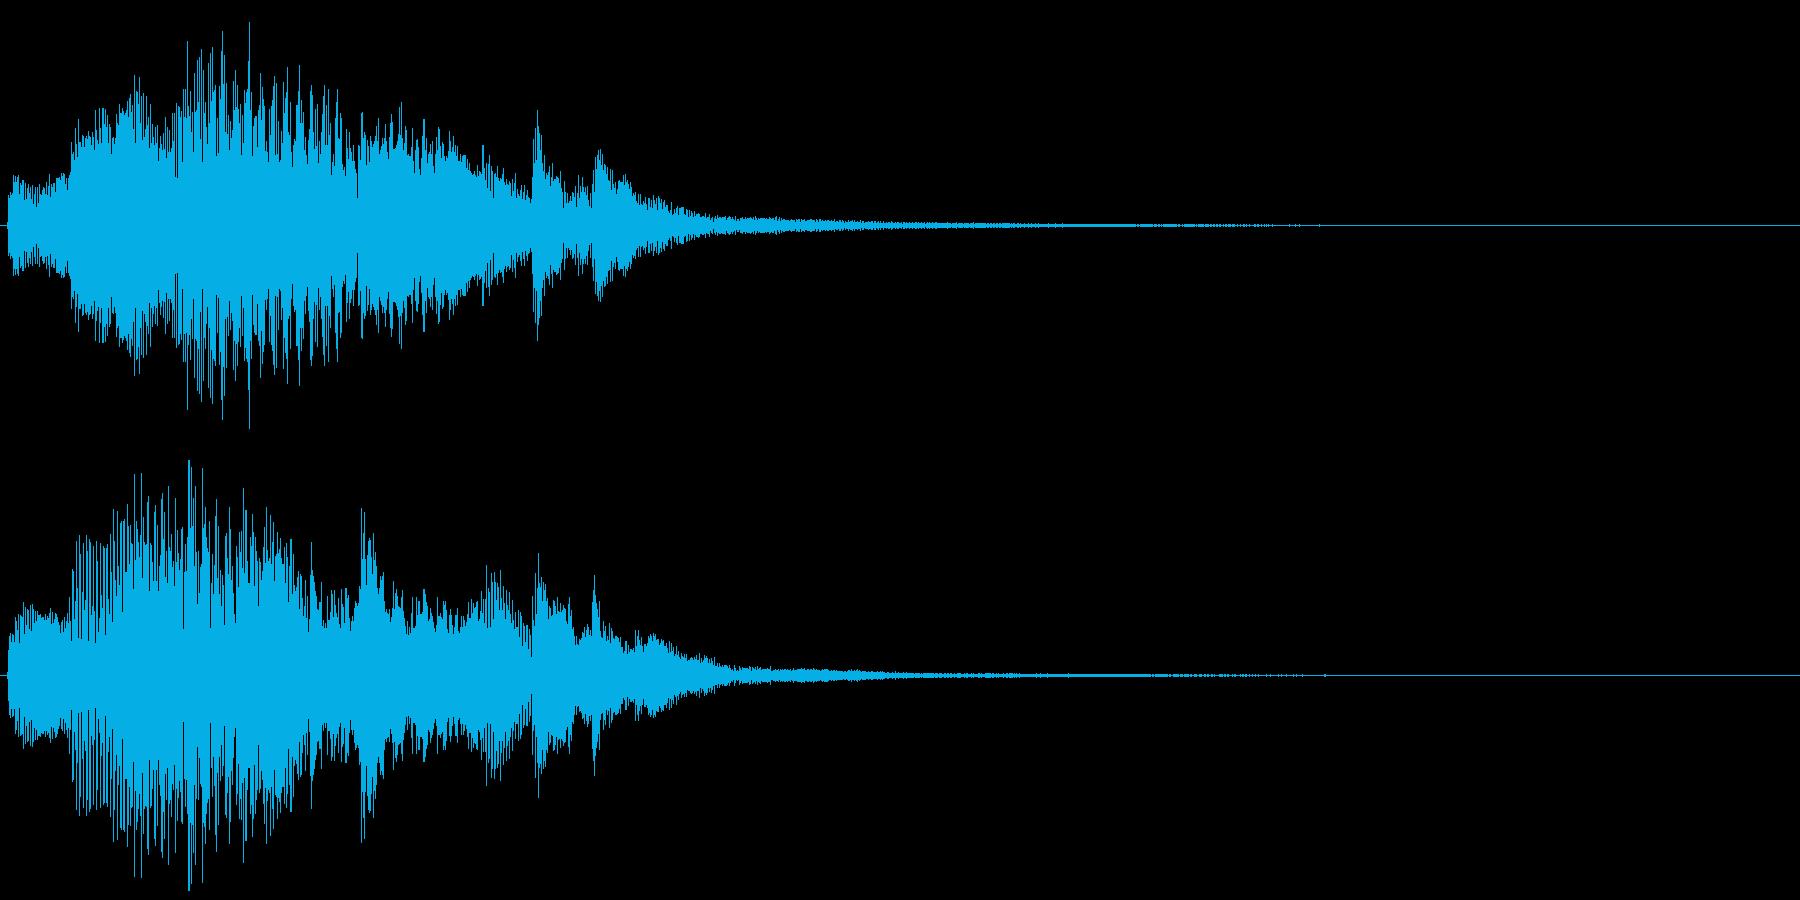 深刻なピアノのジングルの再生済みの波形